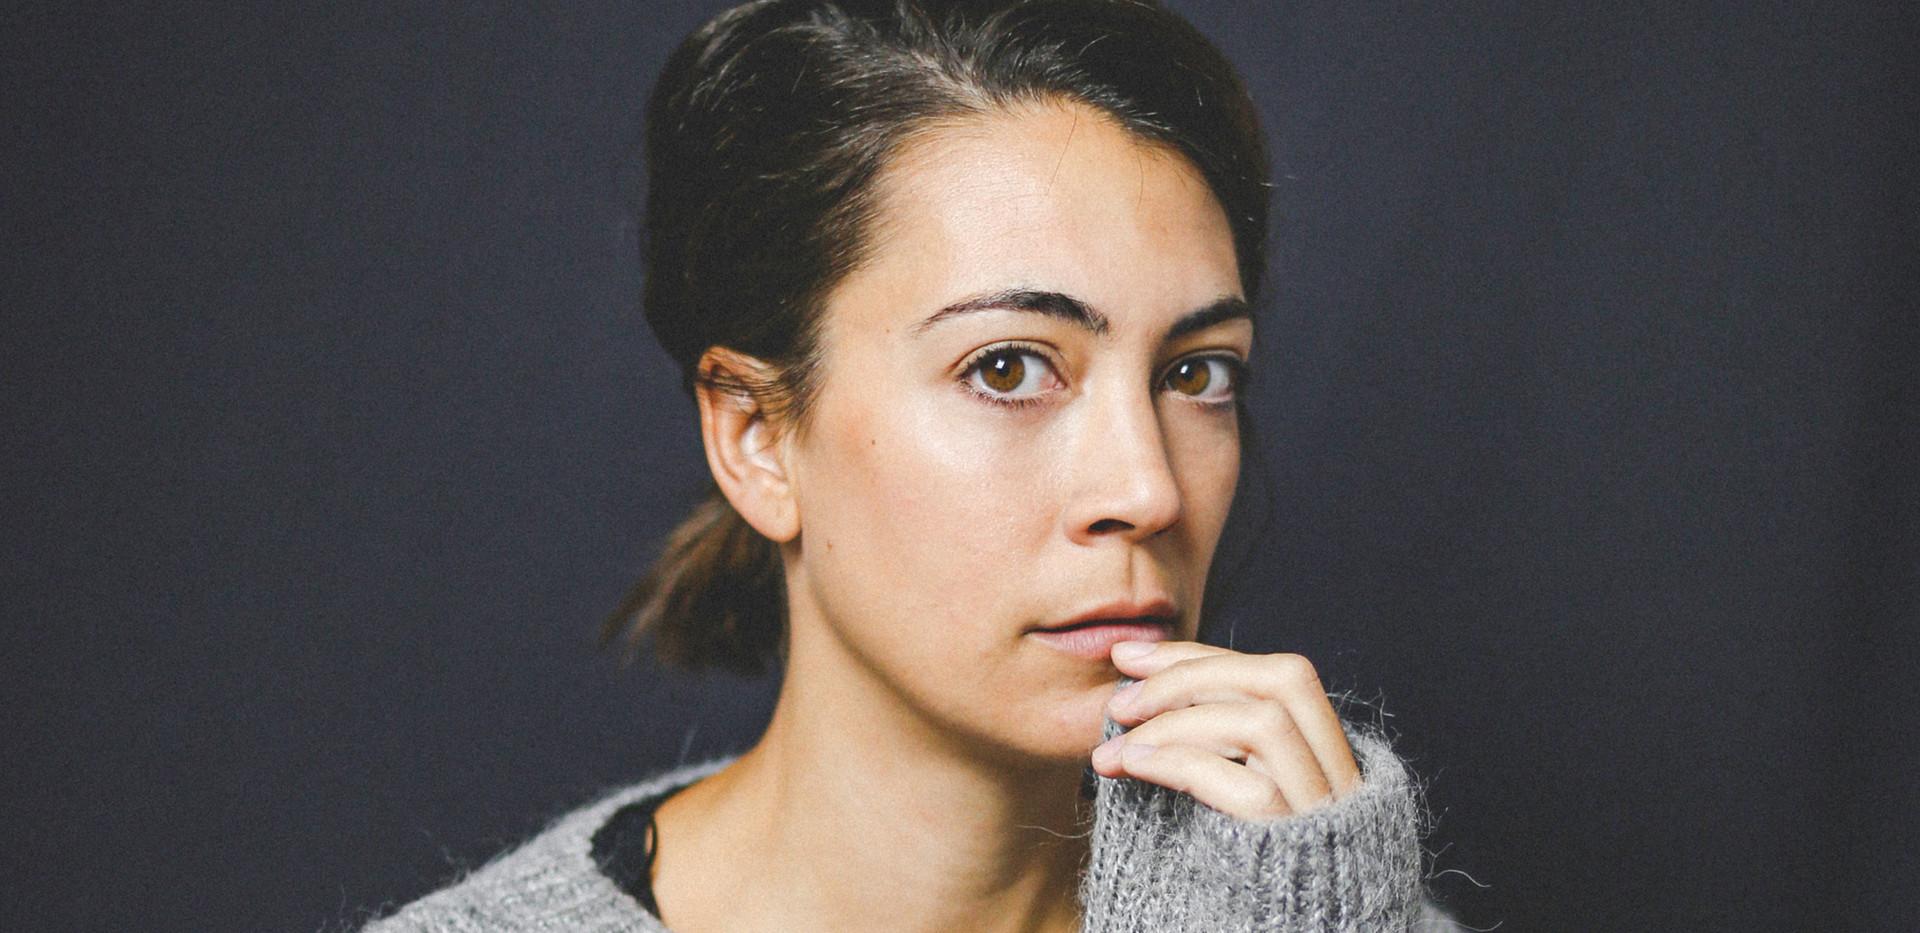 Bárbara Rivas 6 by Asier Corera